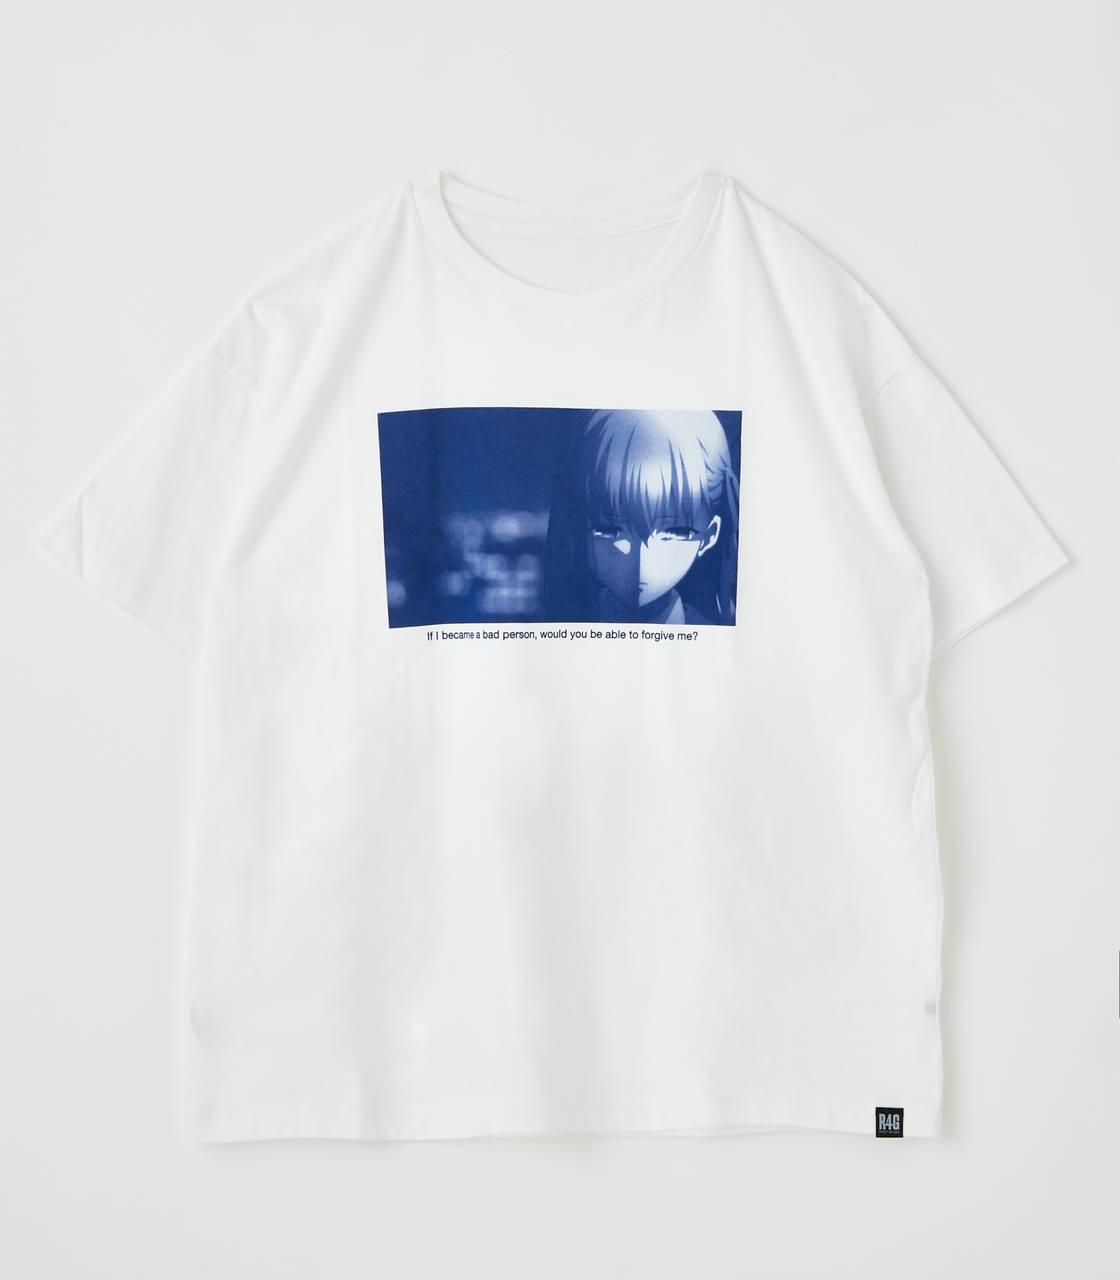 SAKURA Presage Flower T恤